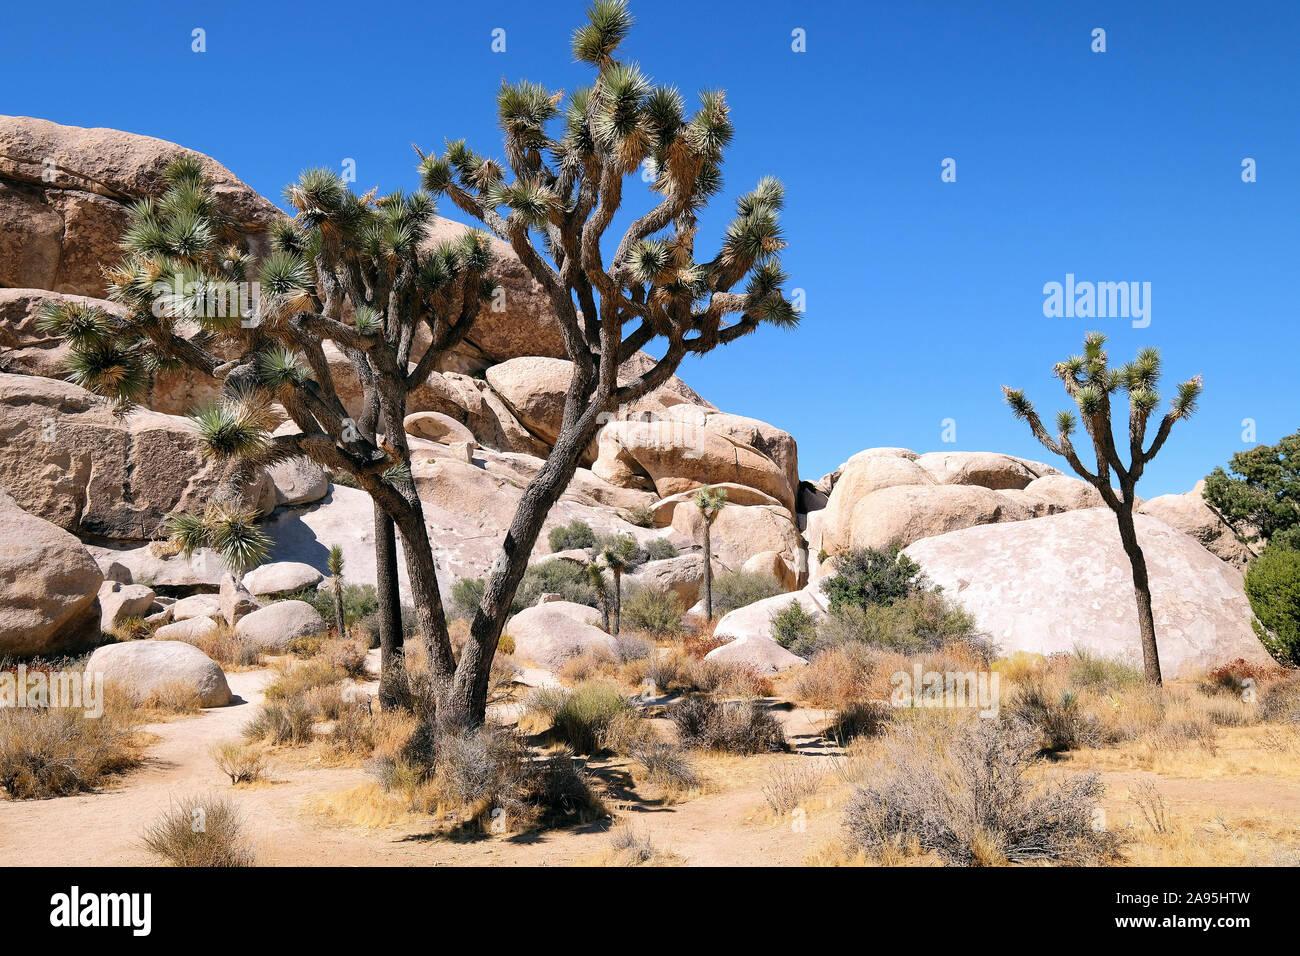 Joshua Tree National Park, California, USA Stock Photo